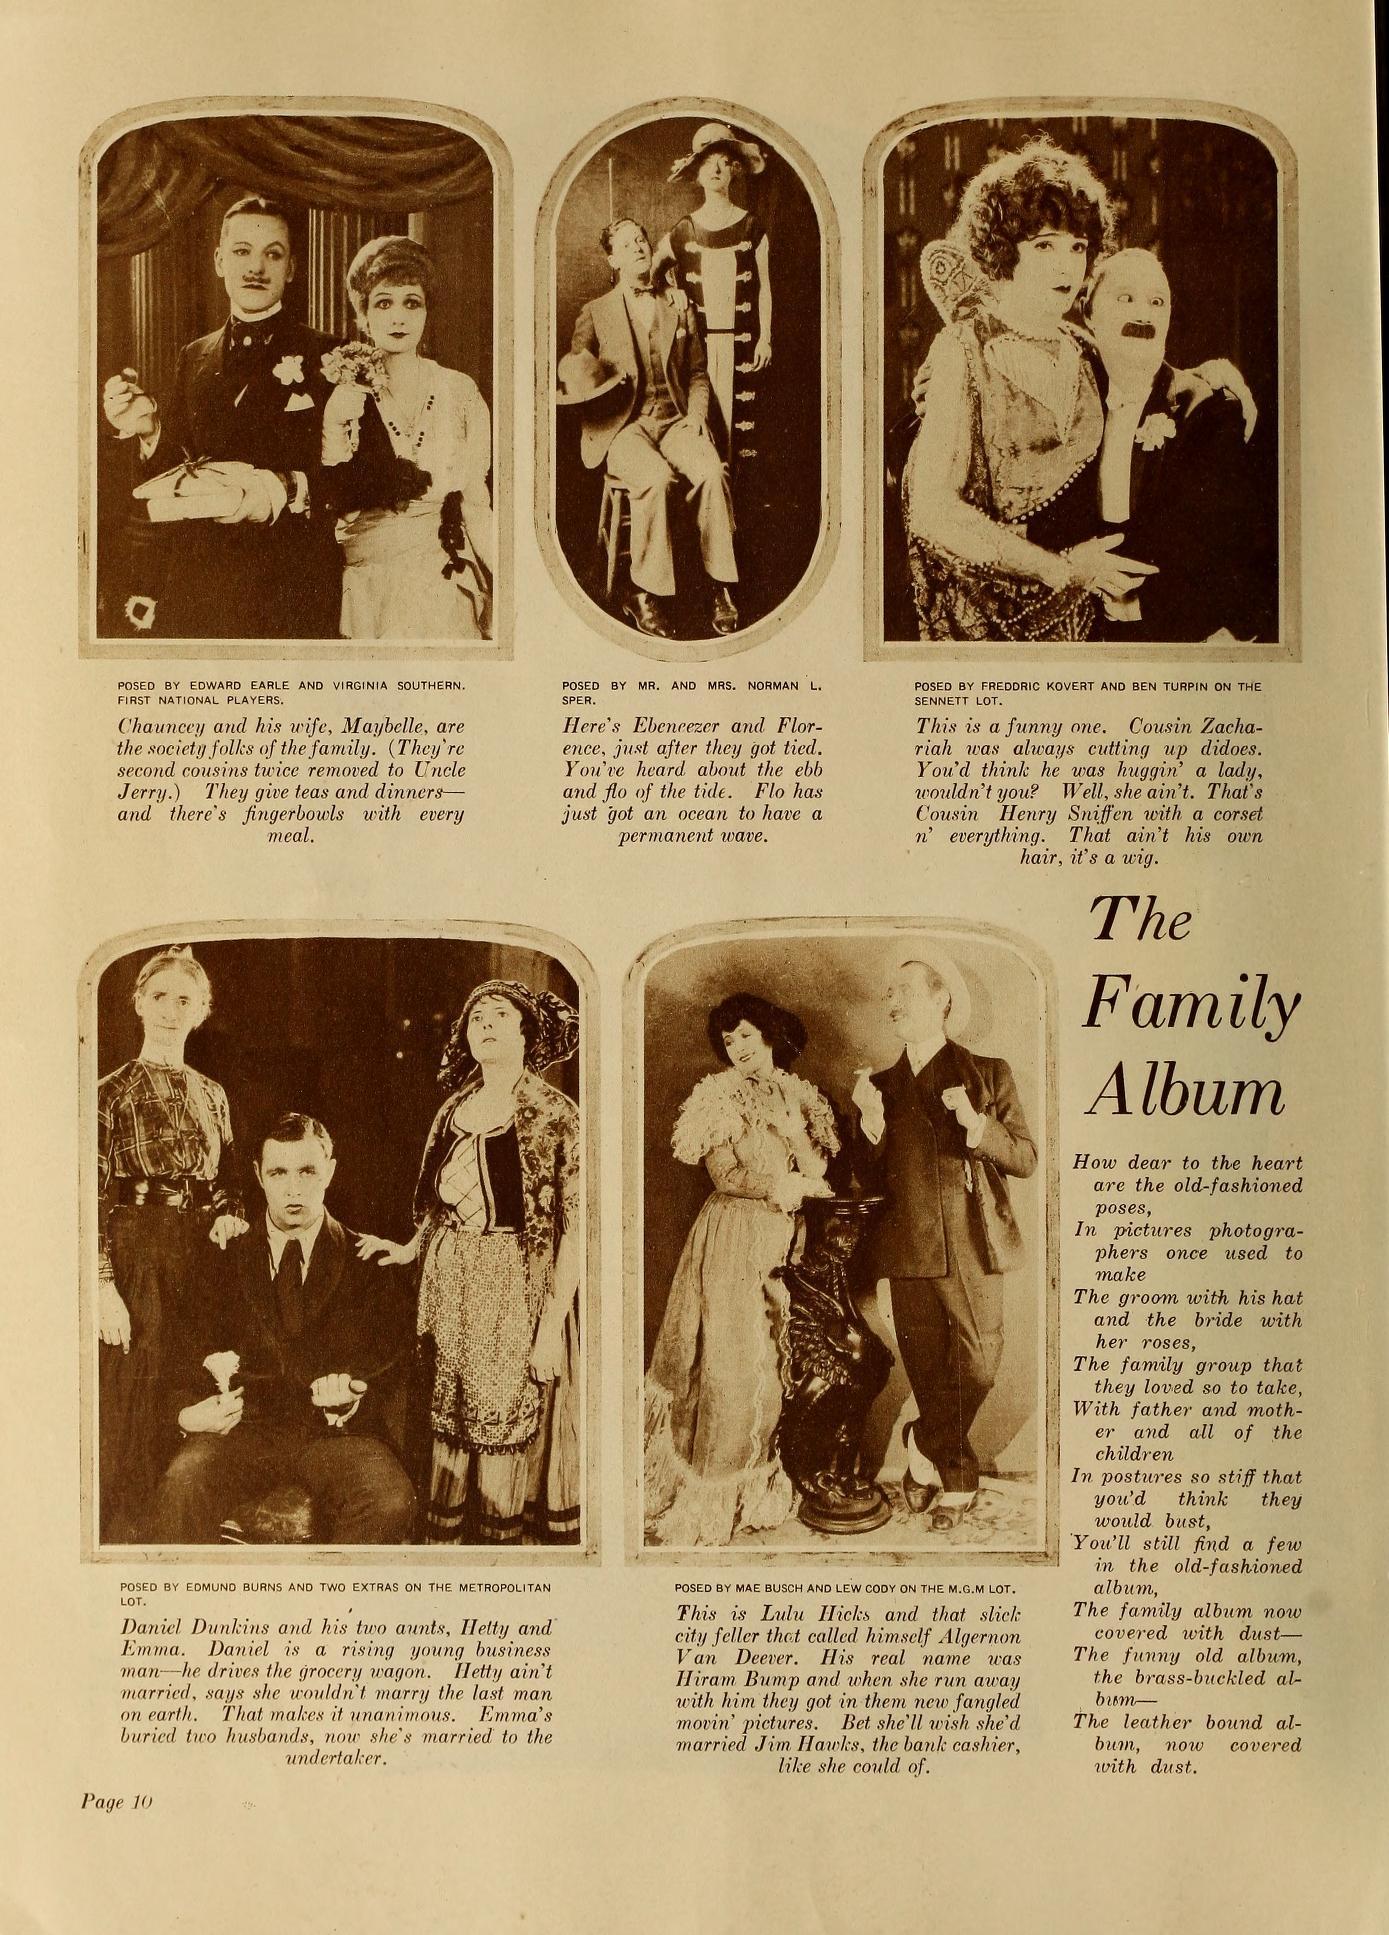 Family album FilmFun June '26 1